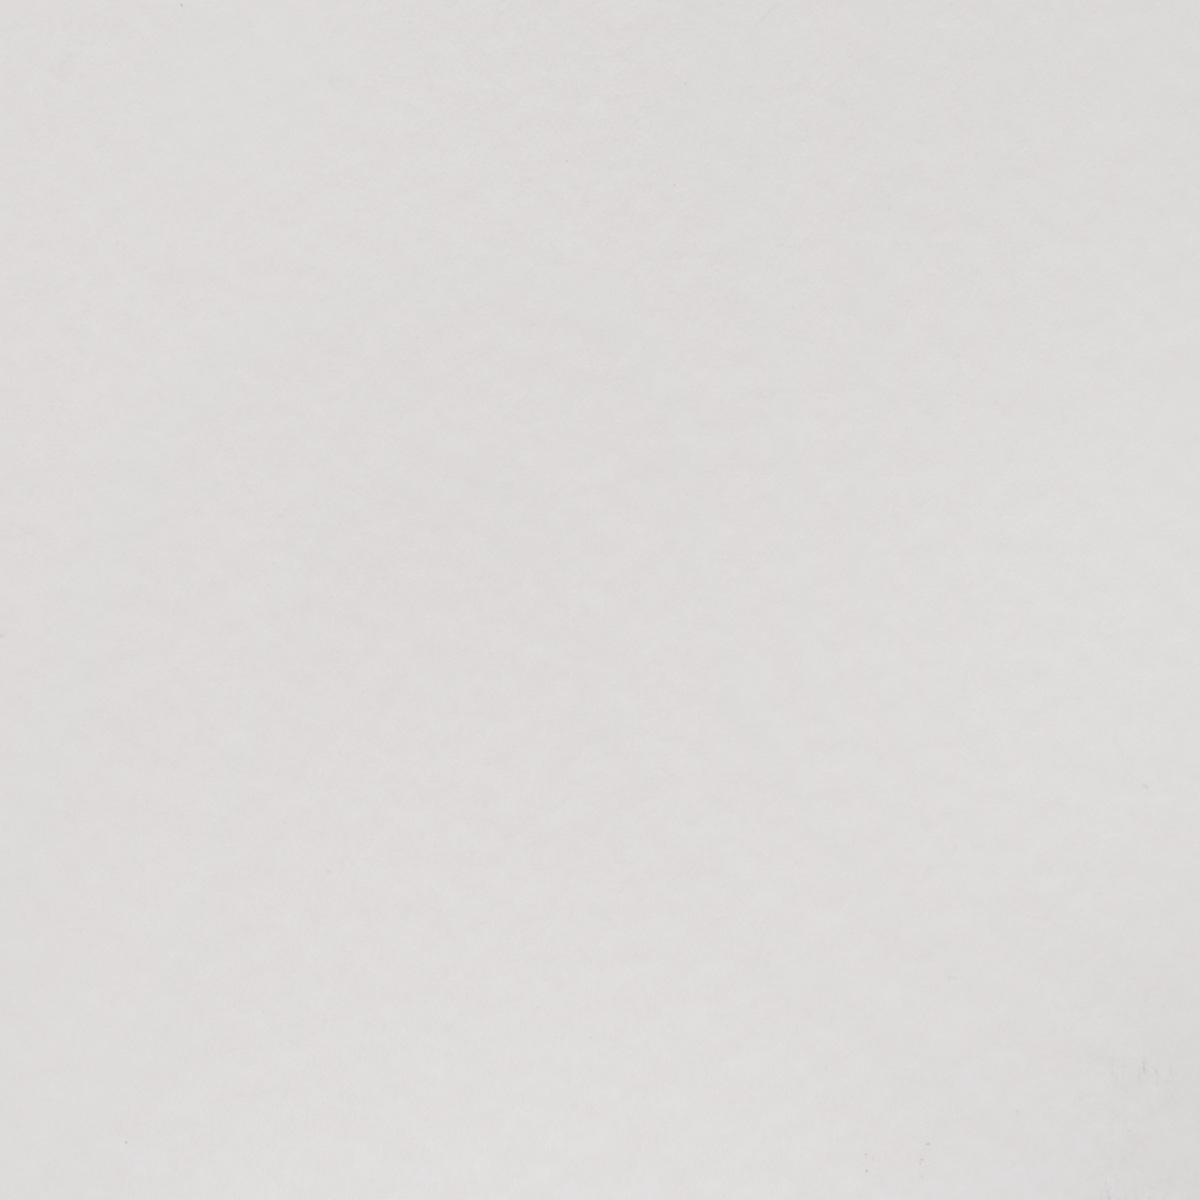 Картон пивнойHobby&You, немелованный, 1,15 мм, 20 x 20 см. KP20-1-15KP20-1-15Картон Hobby&You обладает меньшим весом и более светлым оттенком в сравнении с переплетным. Именно из этого материала изготавливают подставки под пивные и другие напитки. Пивной картон используется для скрапбукинга благодаря целому ряду неоспоримых преимуществ: Небольшой вес, что благоприятно сказывается на его применении в создании крупных и масштабных конструкций. Легко впитывает влагу, что прямо влияет на успешное использования штампинга, нанесение красок, которые будут держаться на пивном картоне, не растекаясь по всему материалу. Высокая плотность, что вместе с небольшим весом дарит уникальную возможность создания основы для страниц, фотографий и картин. Свободно поддается резке ножом - данная особенность пивного картона позволяет создавать из него объекты, свободной формы. Пивной картон является многослойным материалом, который подвергаясь многократному впитыванию влаги продолжает выполнять свои функции, не оставляя...